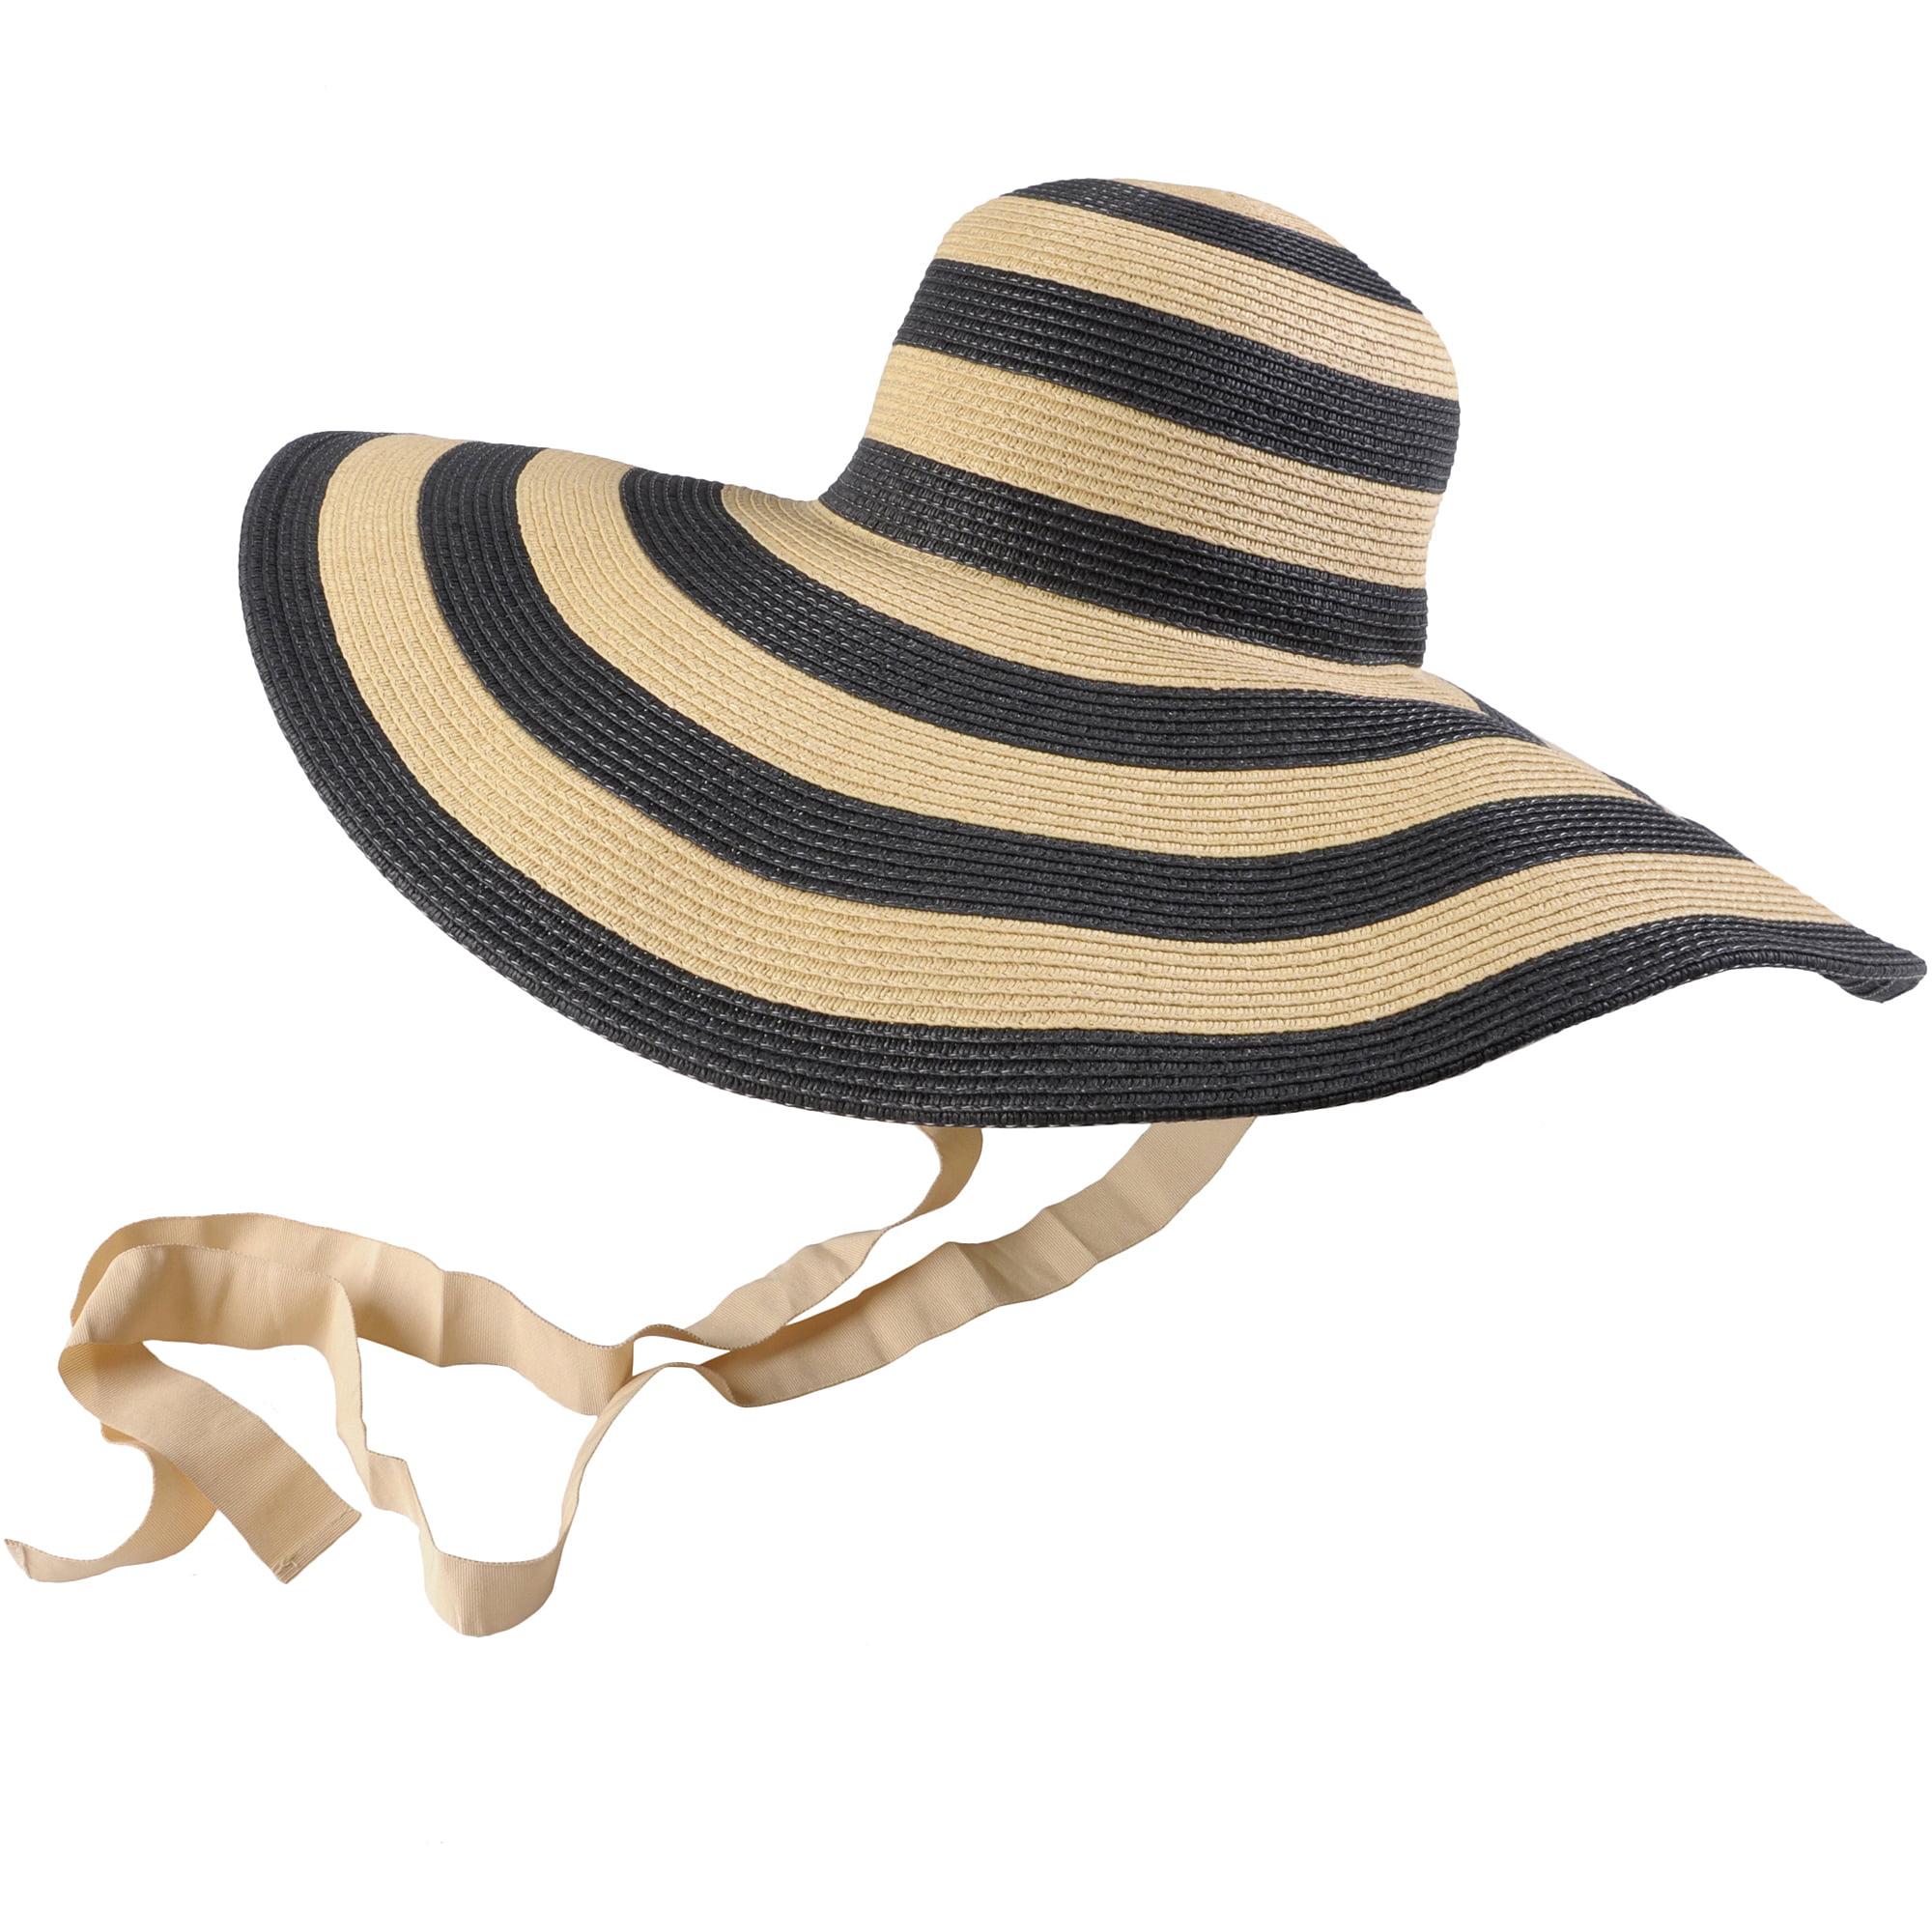 Brinley Co Womens Wide Brim Striped Sunhat